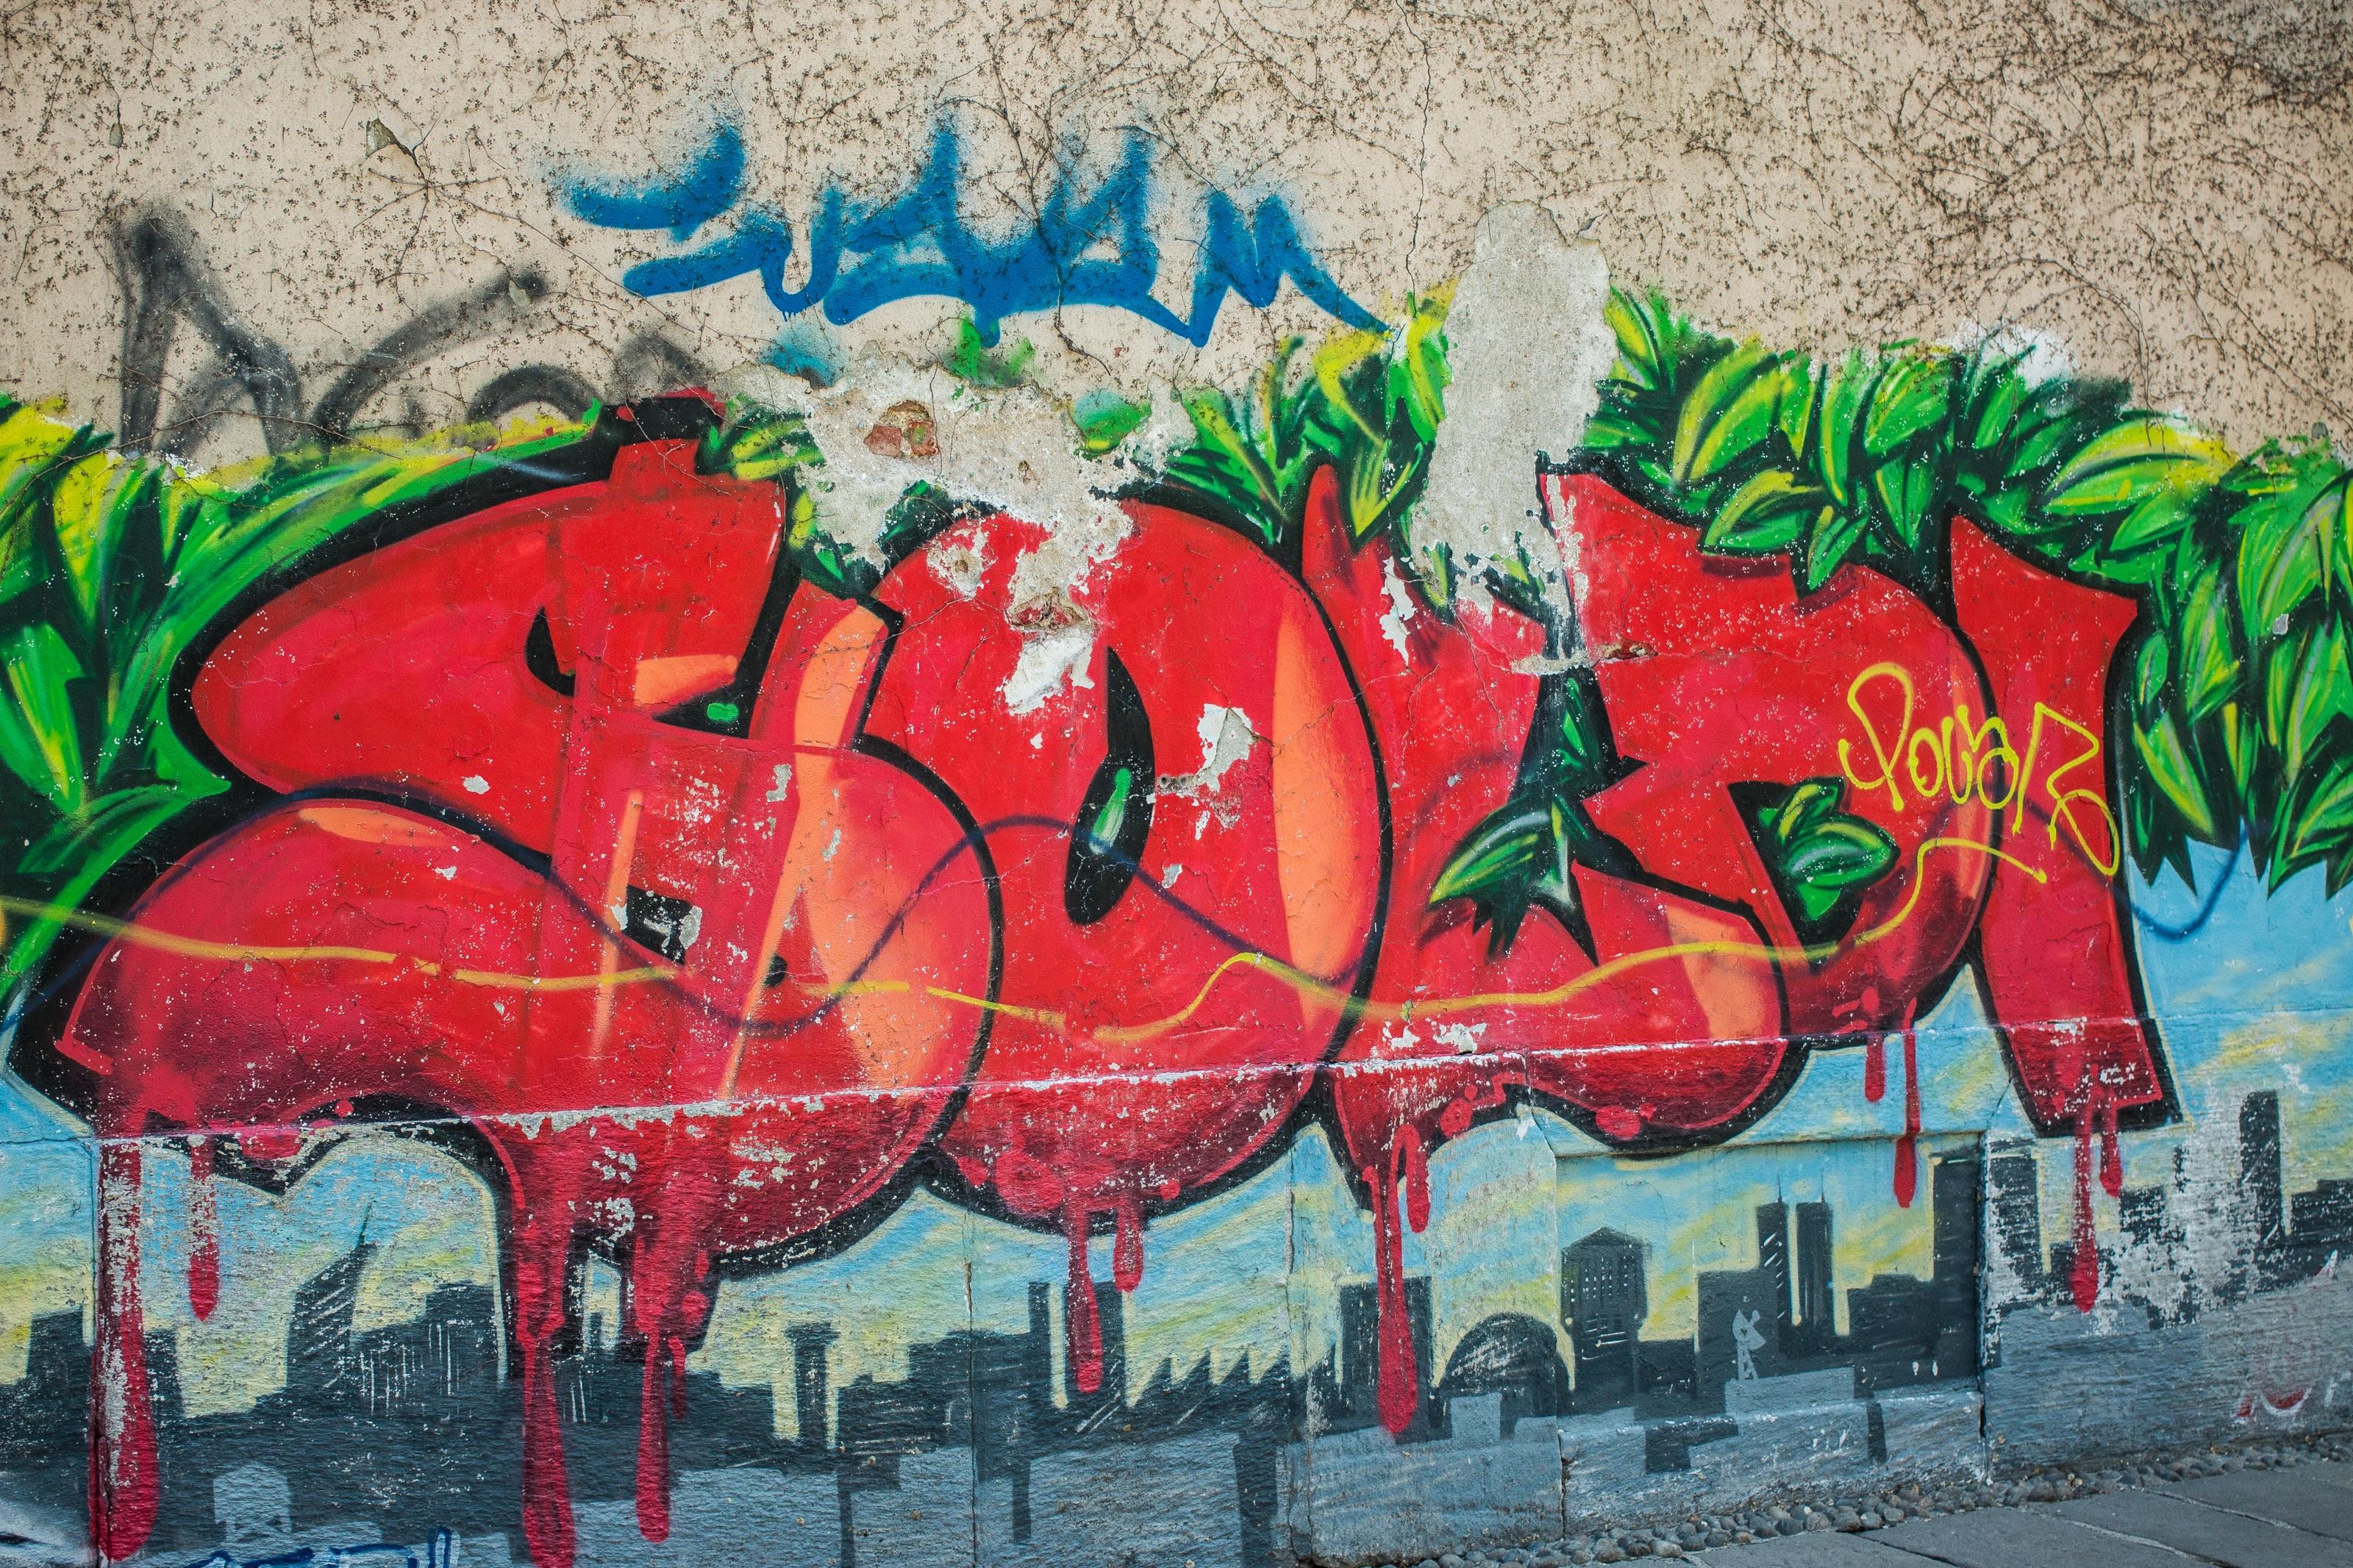 Hình ảnh Tường Màu Sơn Graffiti Nghệ Thuật đường Phố